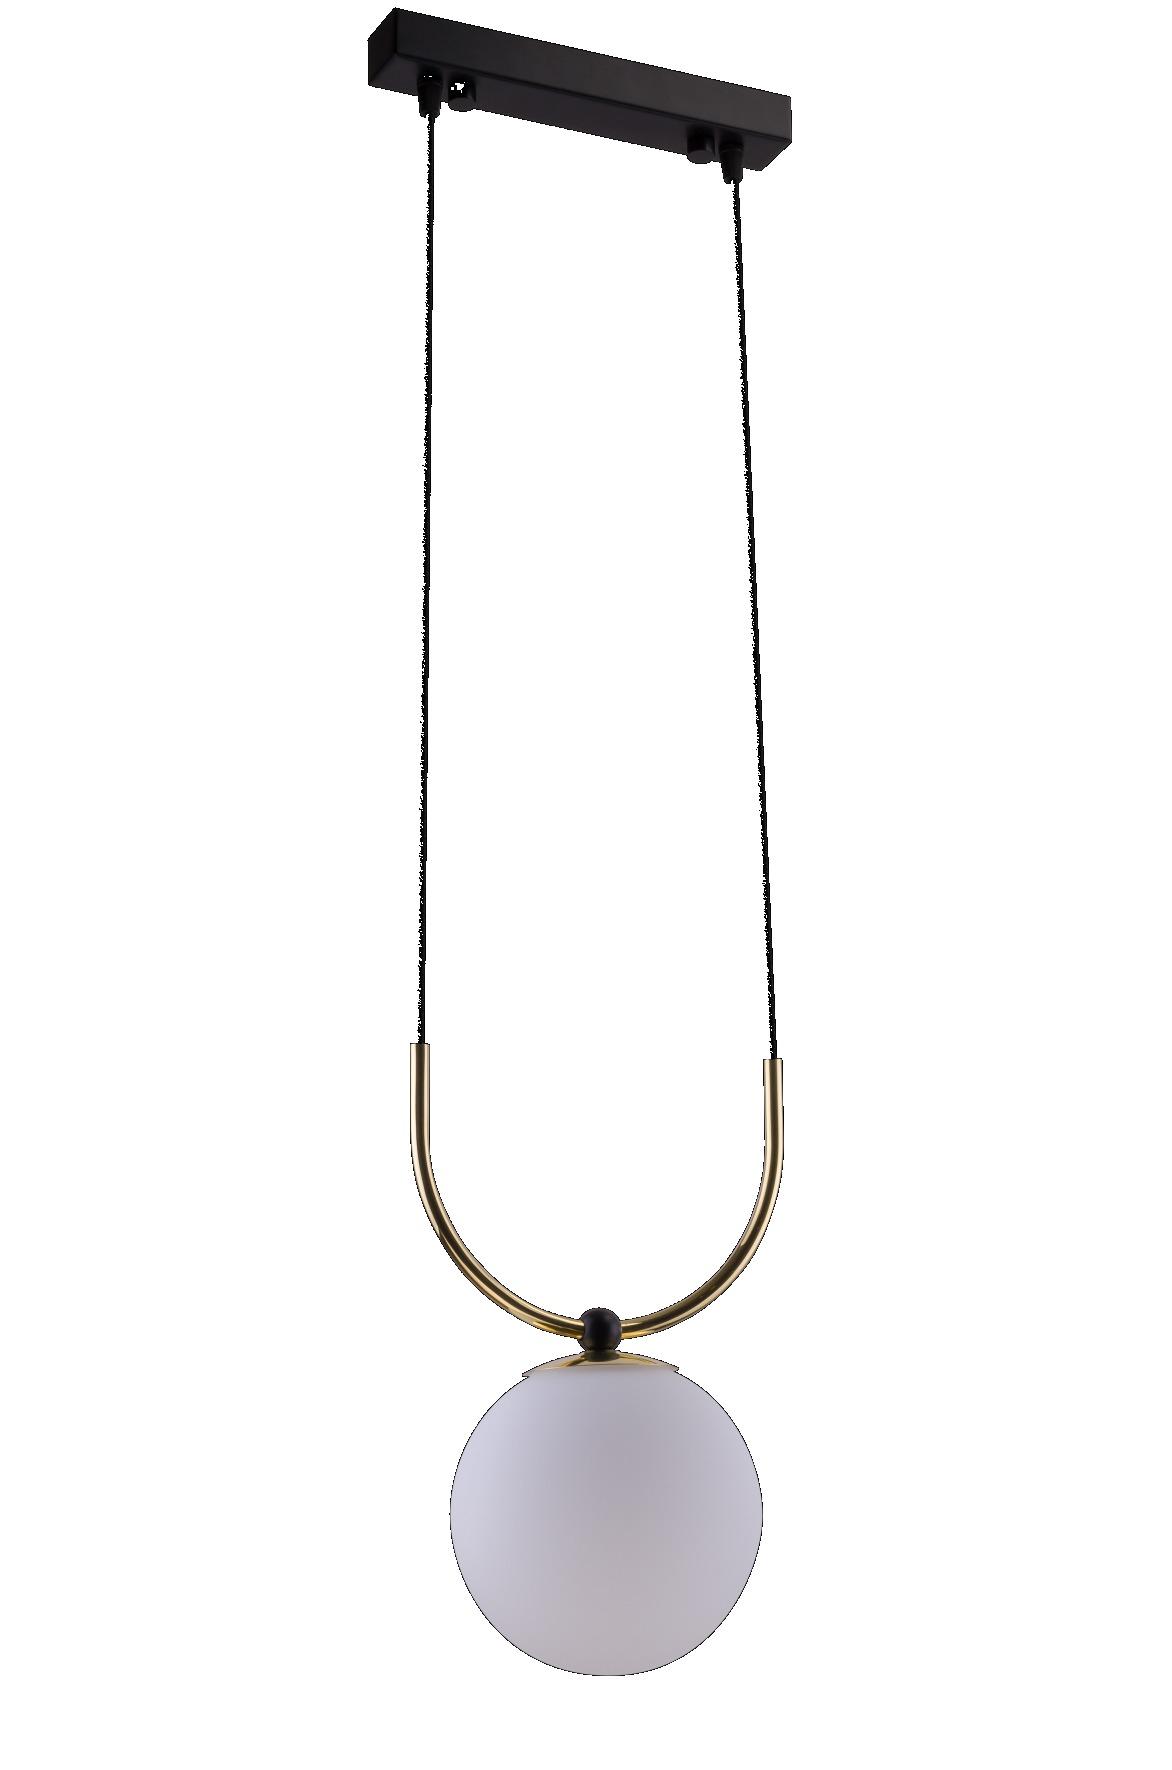 Lampa wisząca Balos 1 Czarny 0407 - Amplex // Rabaty w koszyku i darmowa dostawa od 299zł !